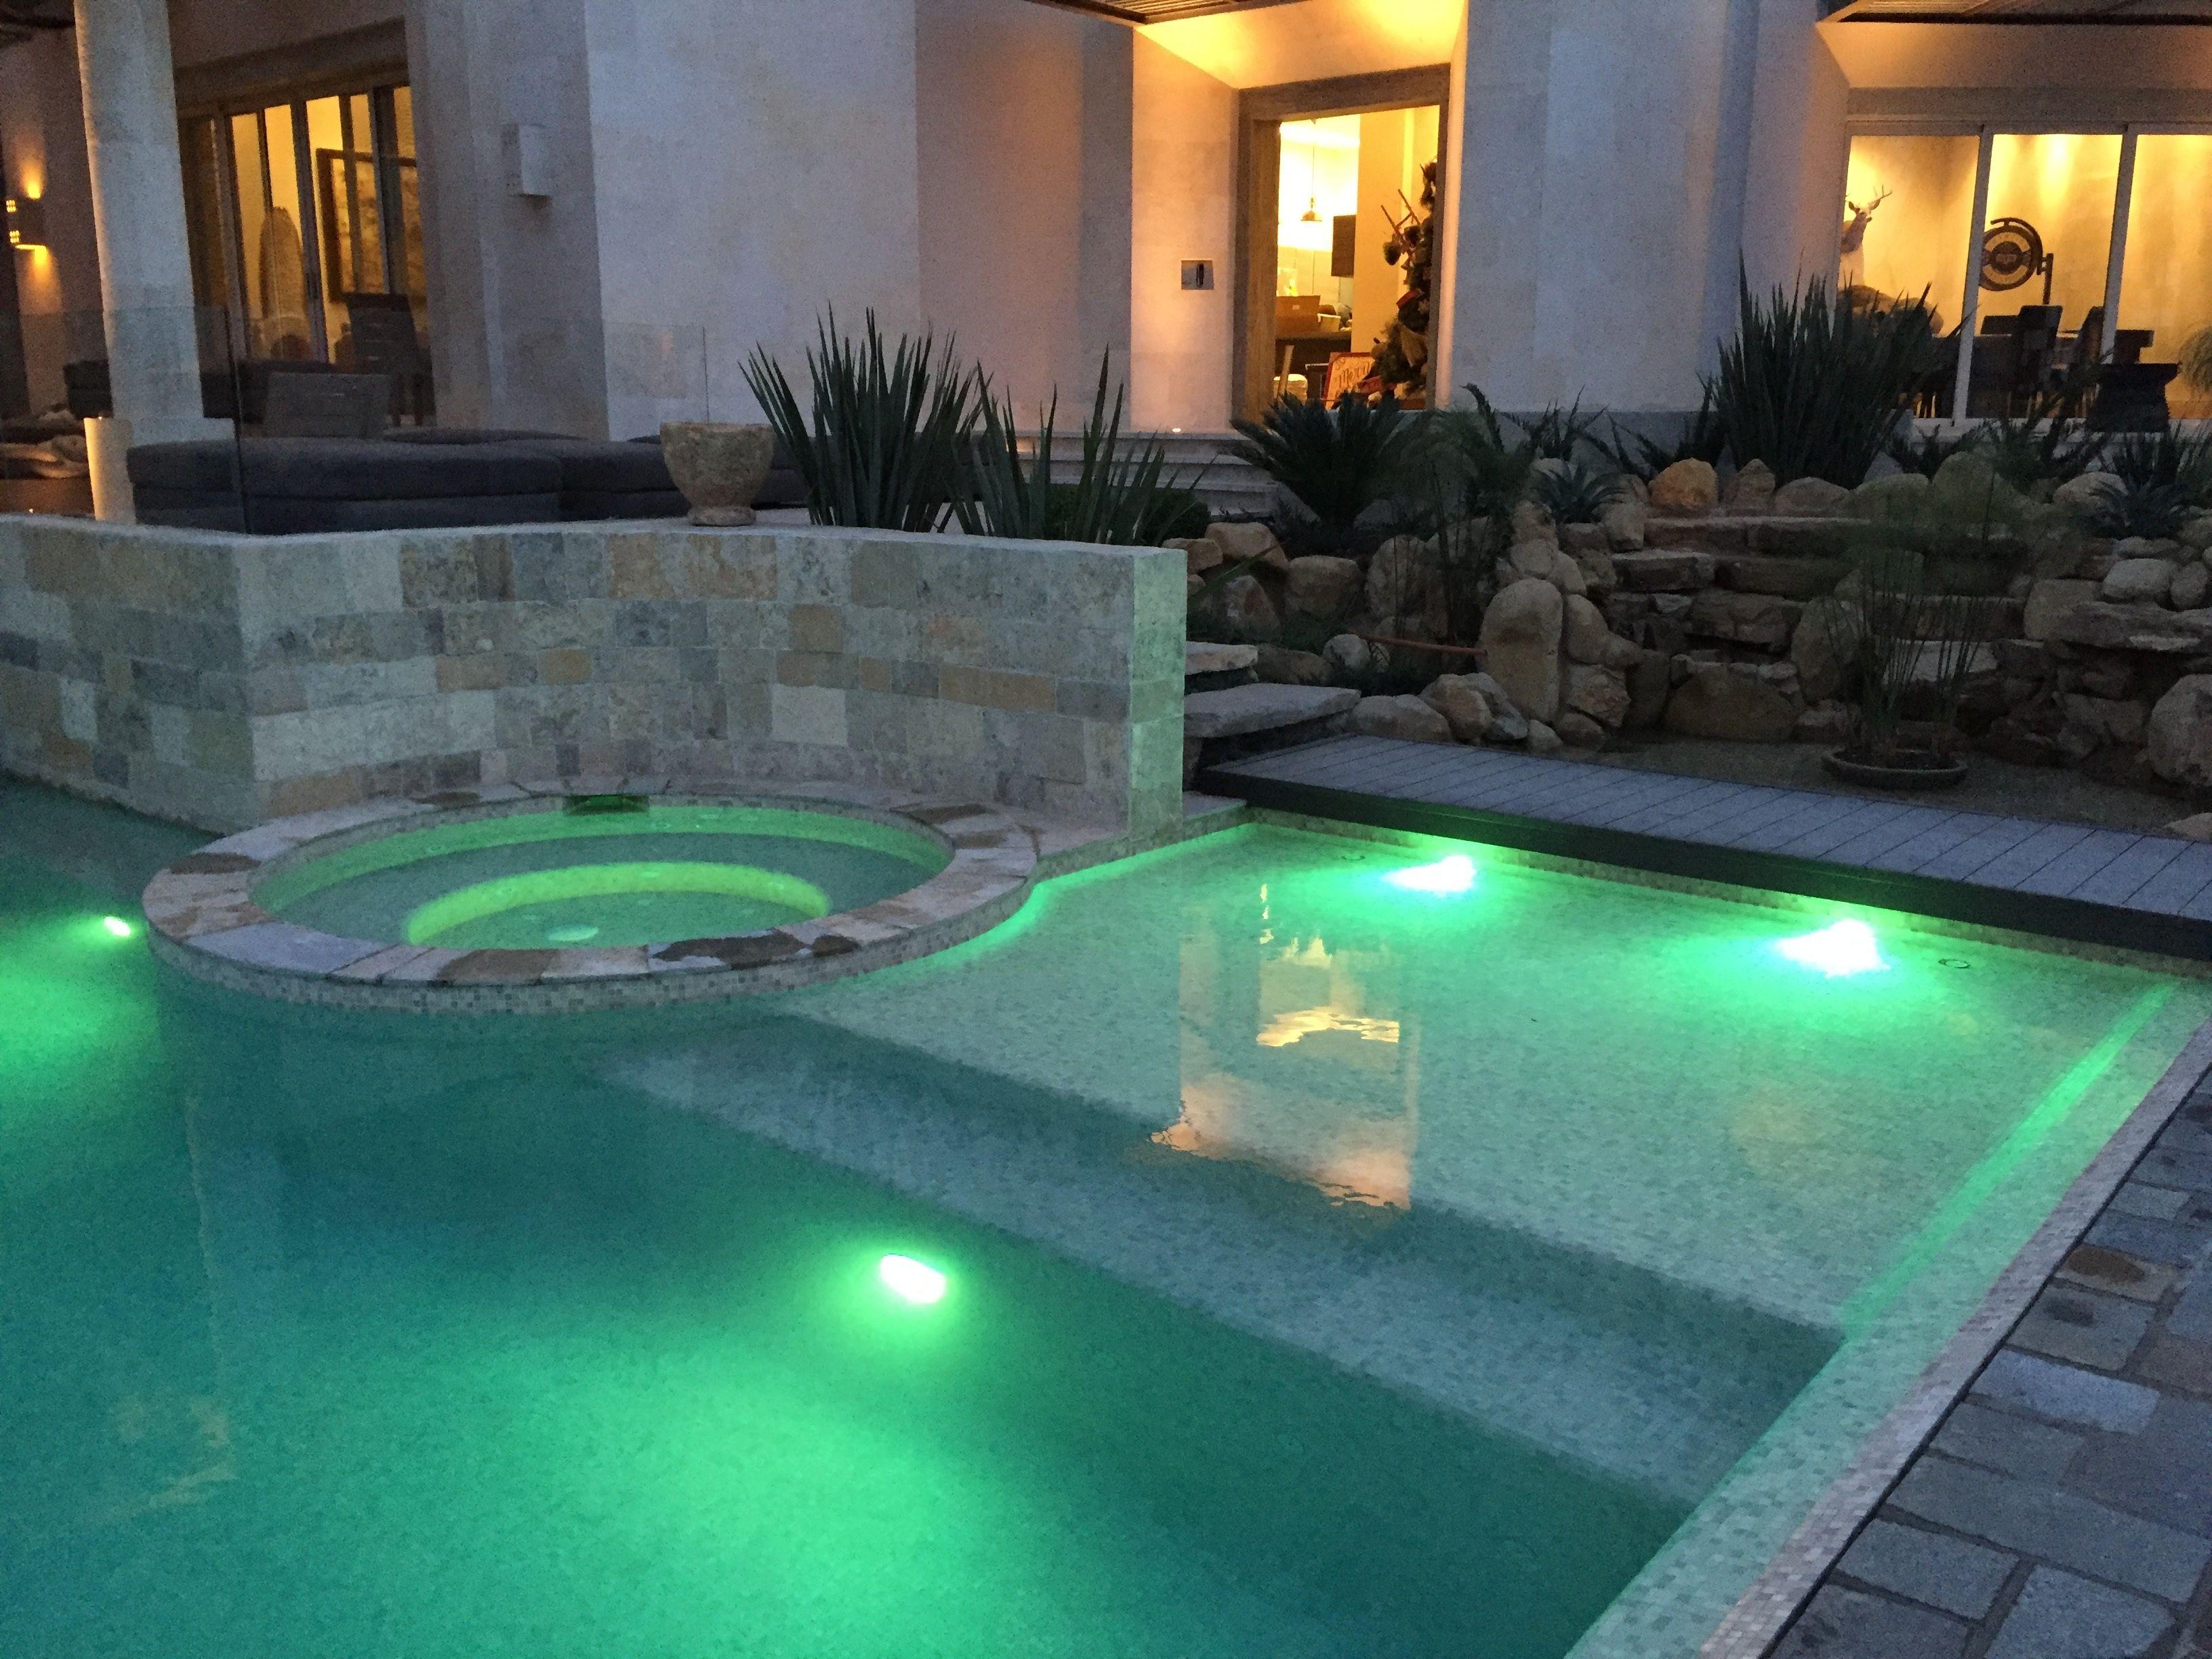 351 arquitectos. piscina residencial con cascada frontal, jacuzzi